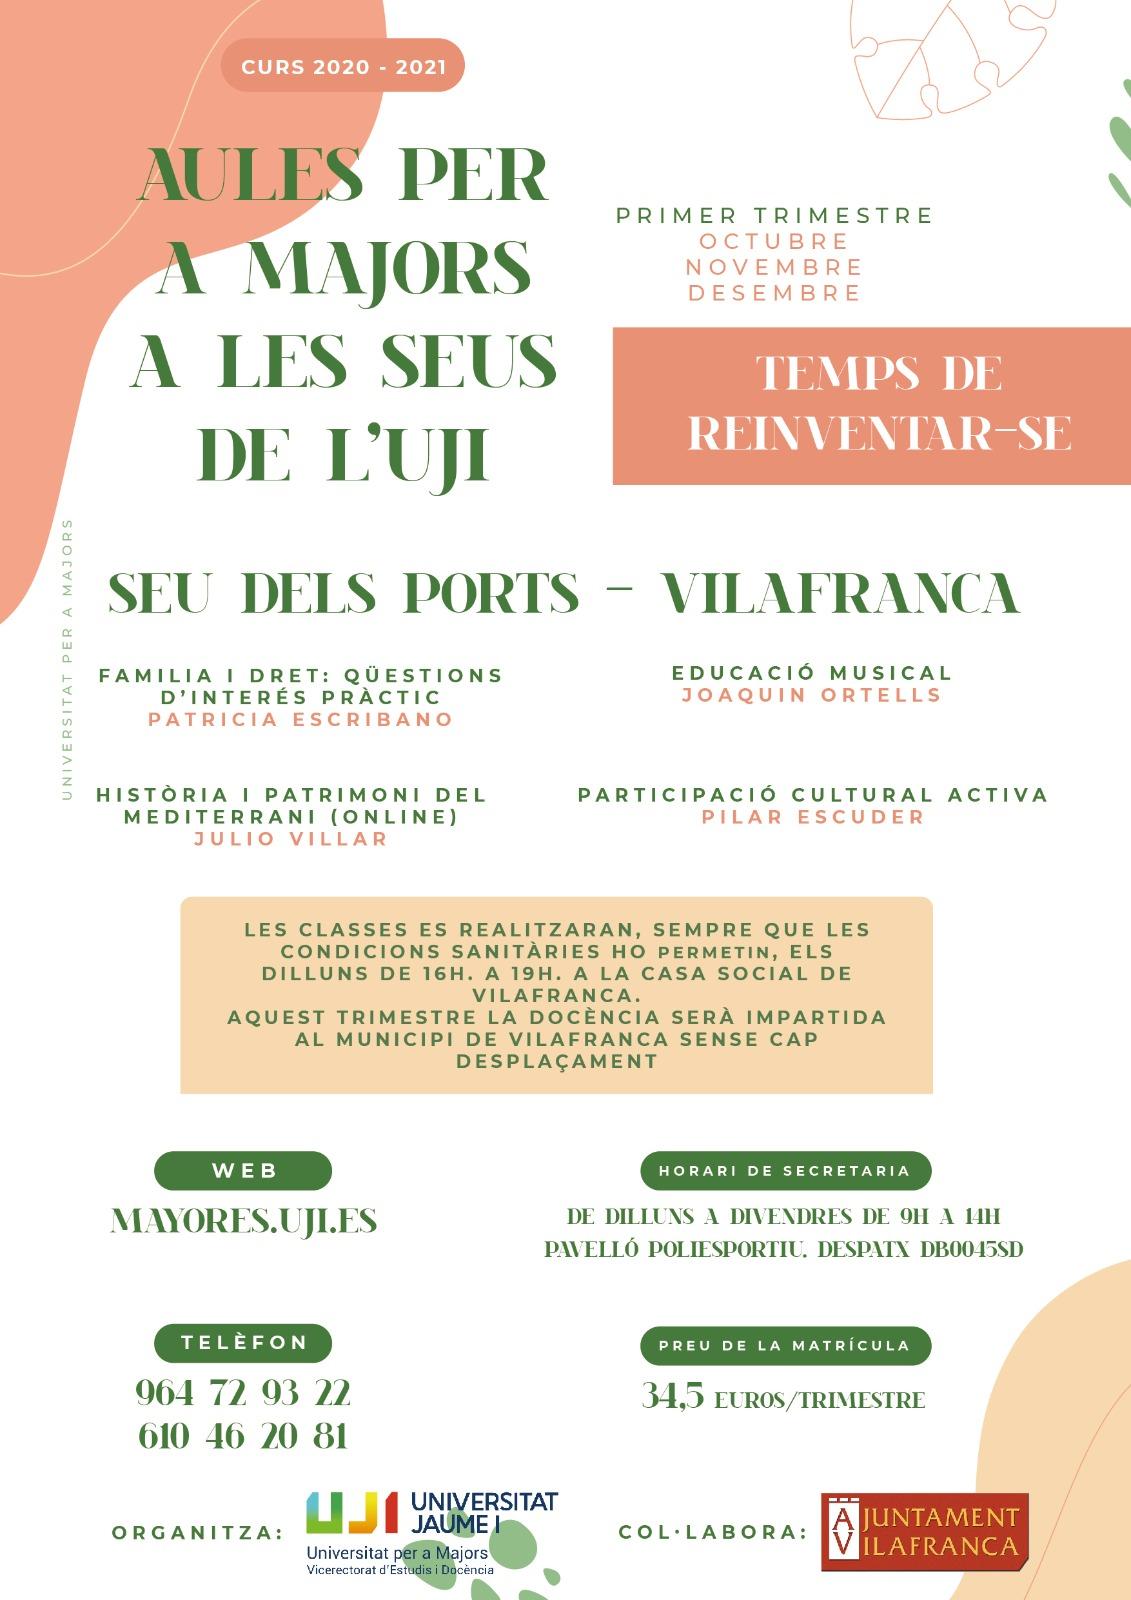 La seu dels Ports de l'UJI per a majors a Vilafranca